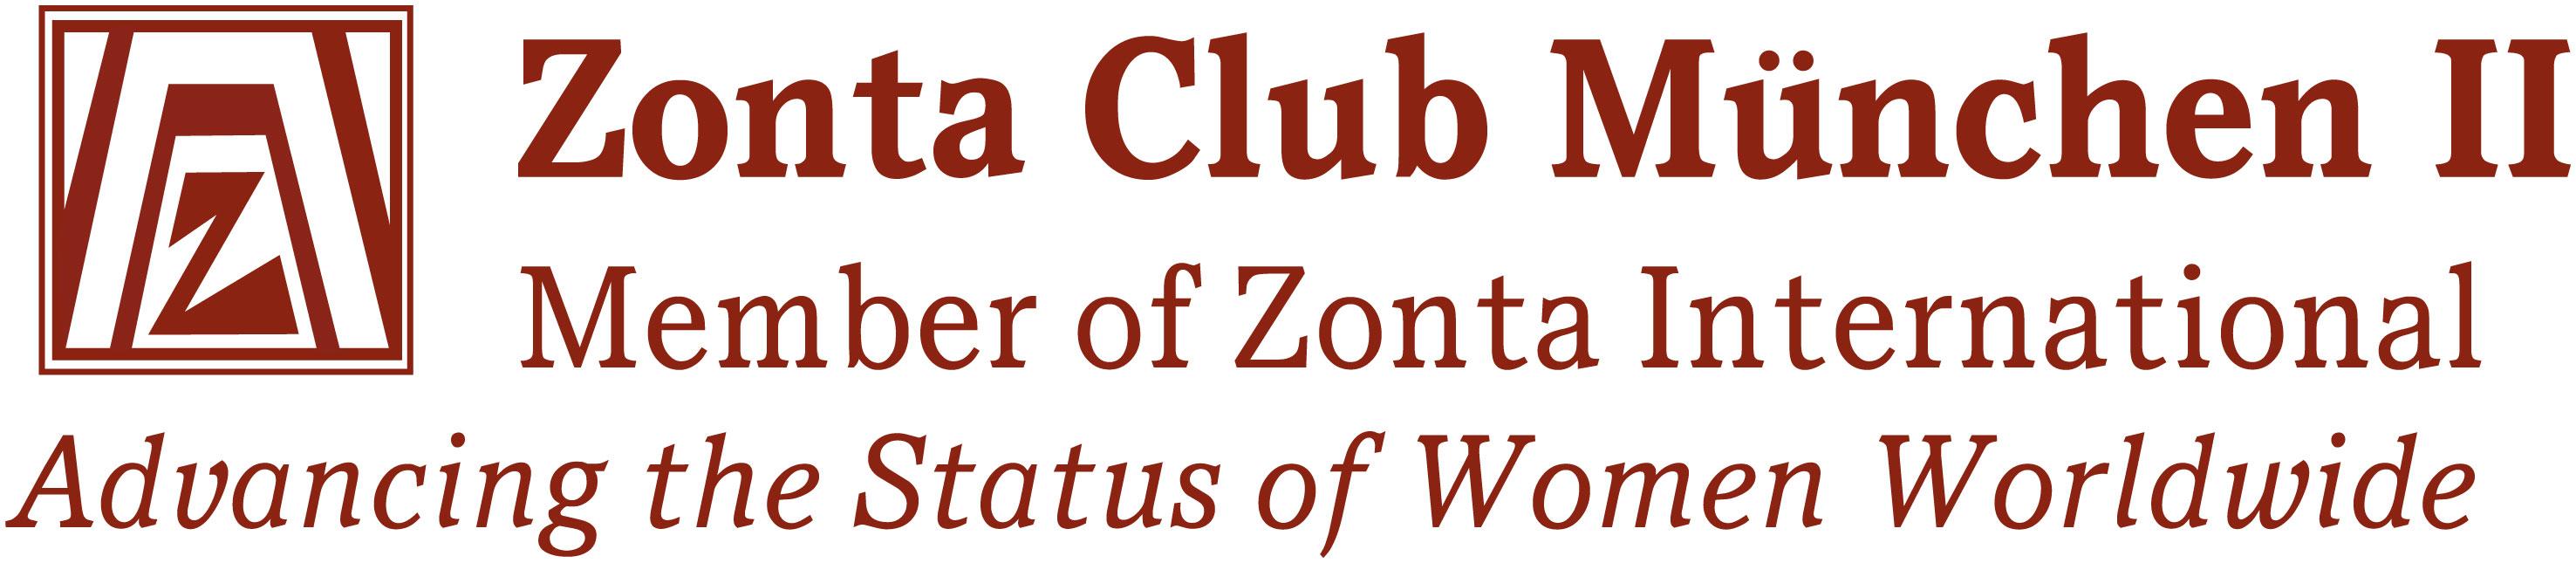 ZONTA-Club-Muenchen-II-Logo-P1815